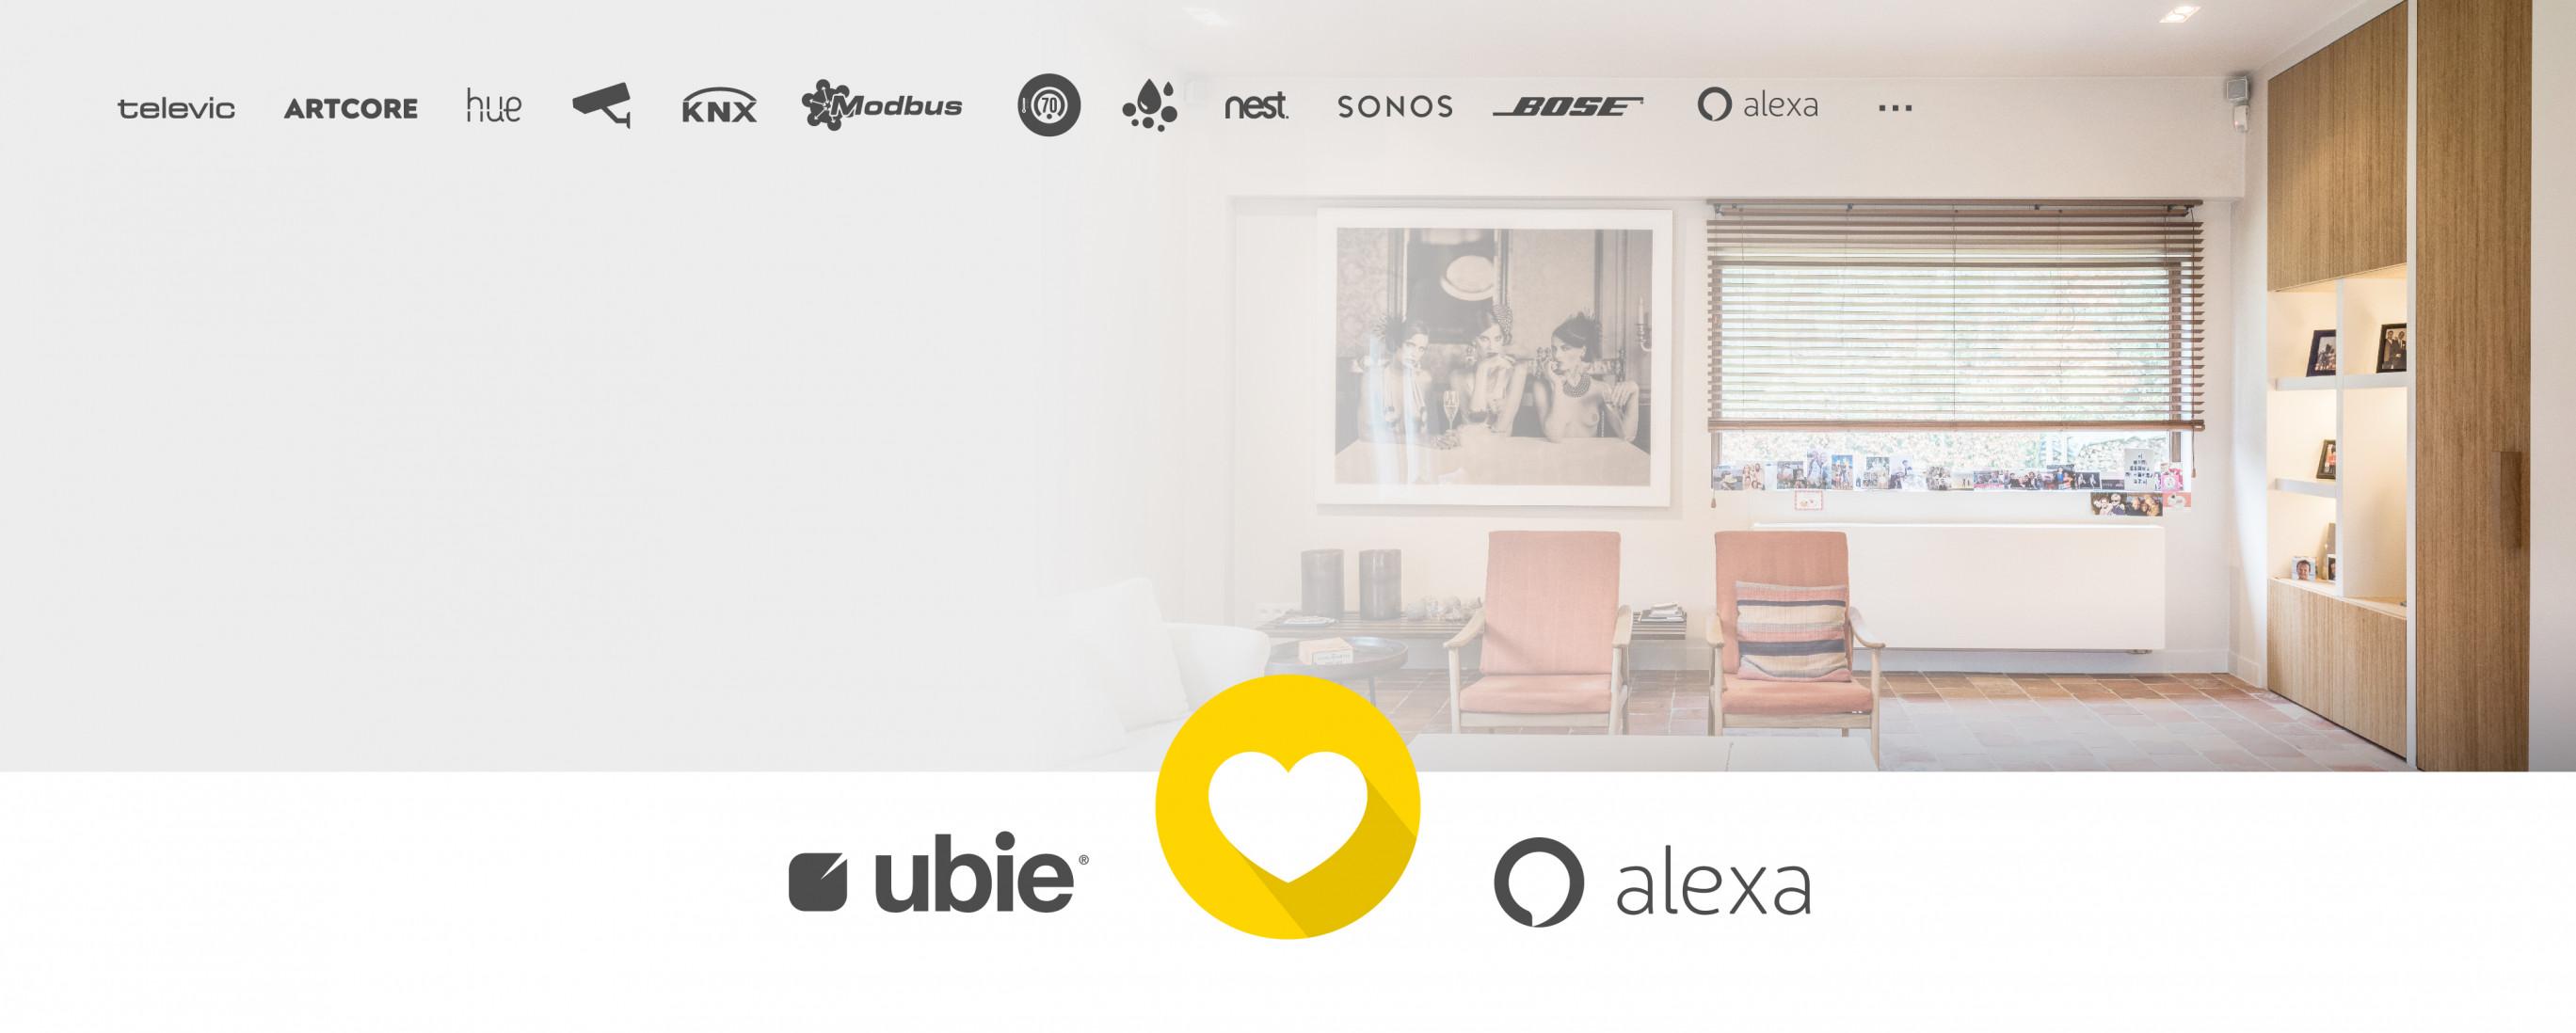 Ubiebox-header-v7-UbieLovesAlexa.jpg